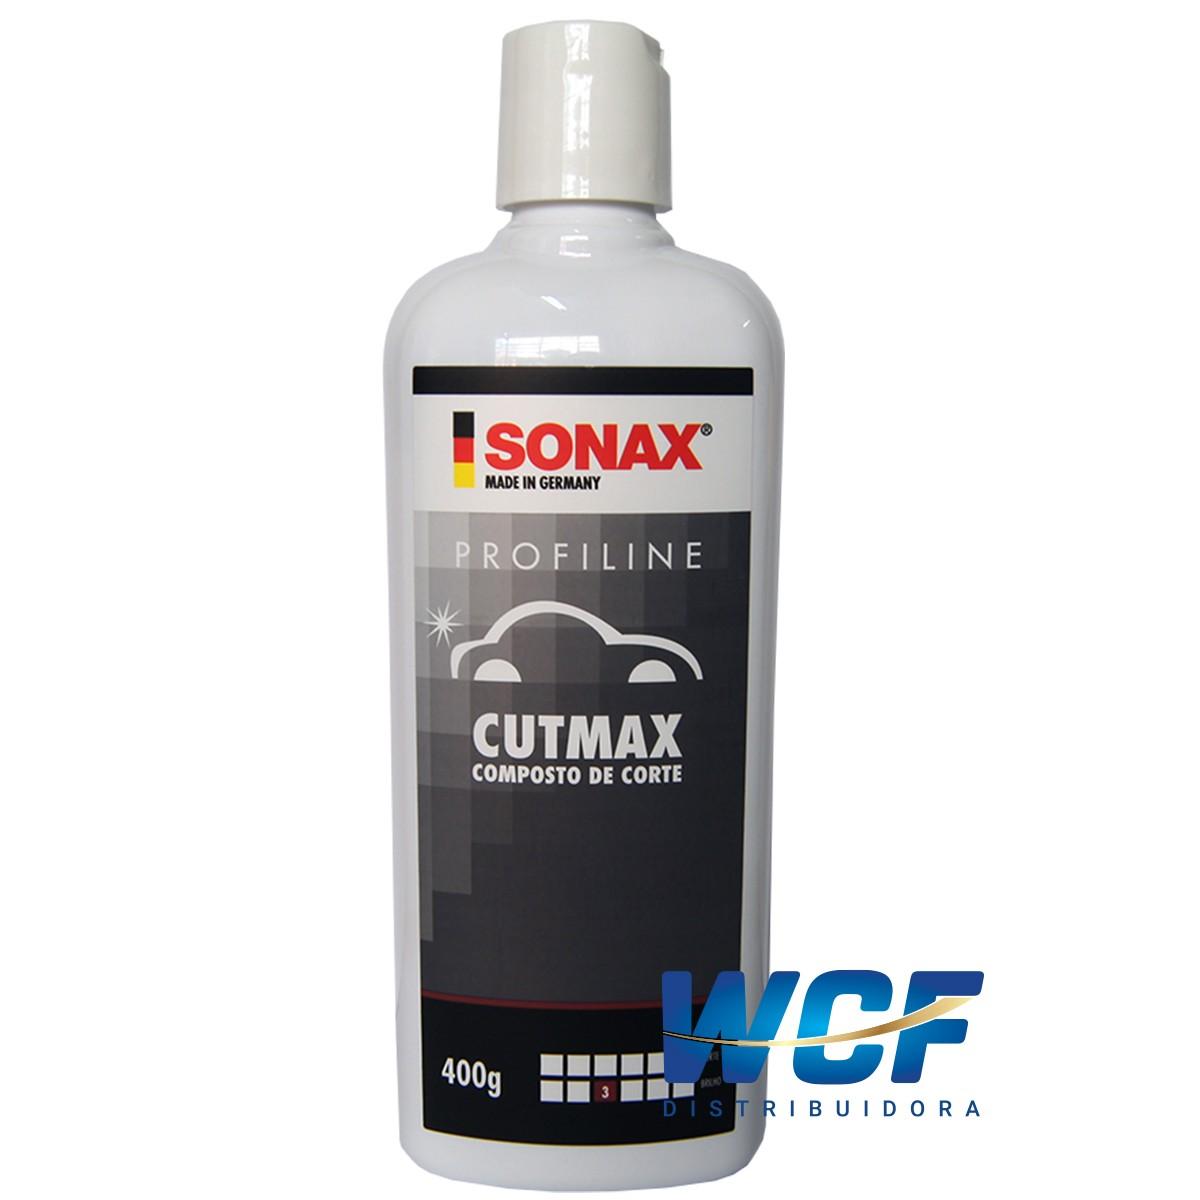 SONAX CUT MAX  400G